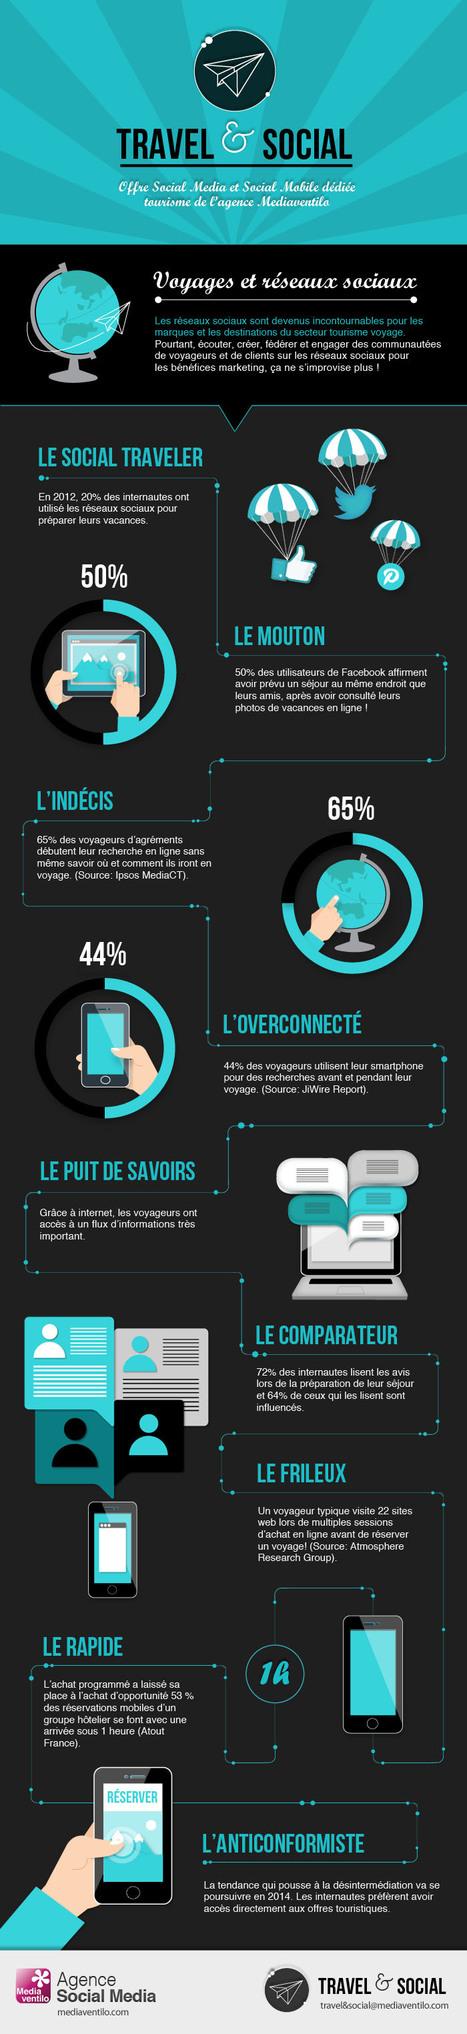 e-tourisme: le profil de l'e-consommateur sur les réseaux sociaux | Marketing digital | Scoop.it